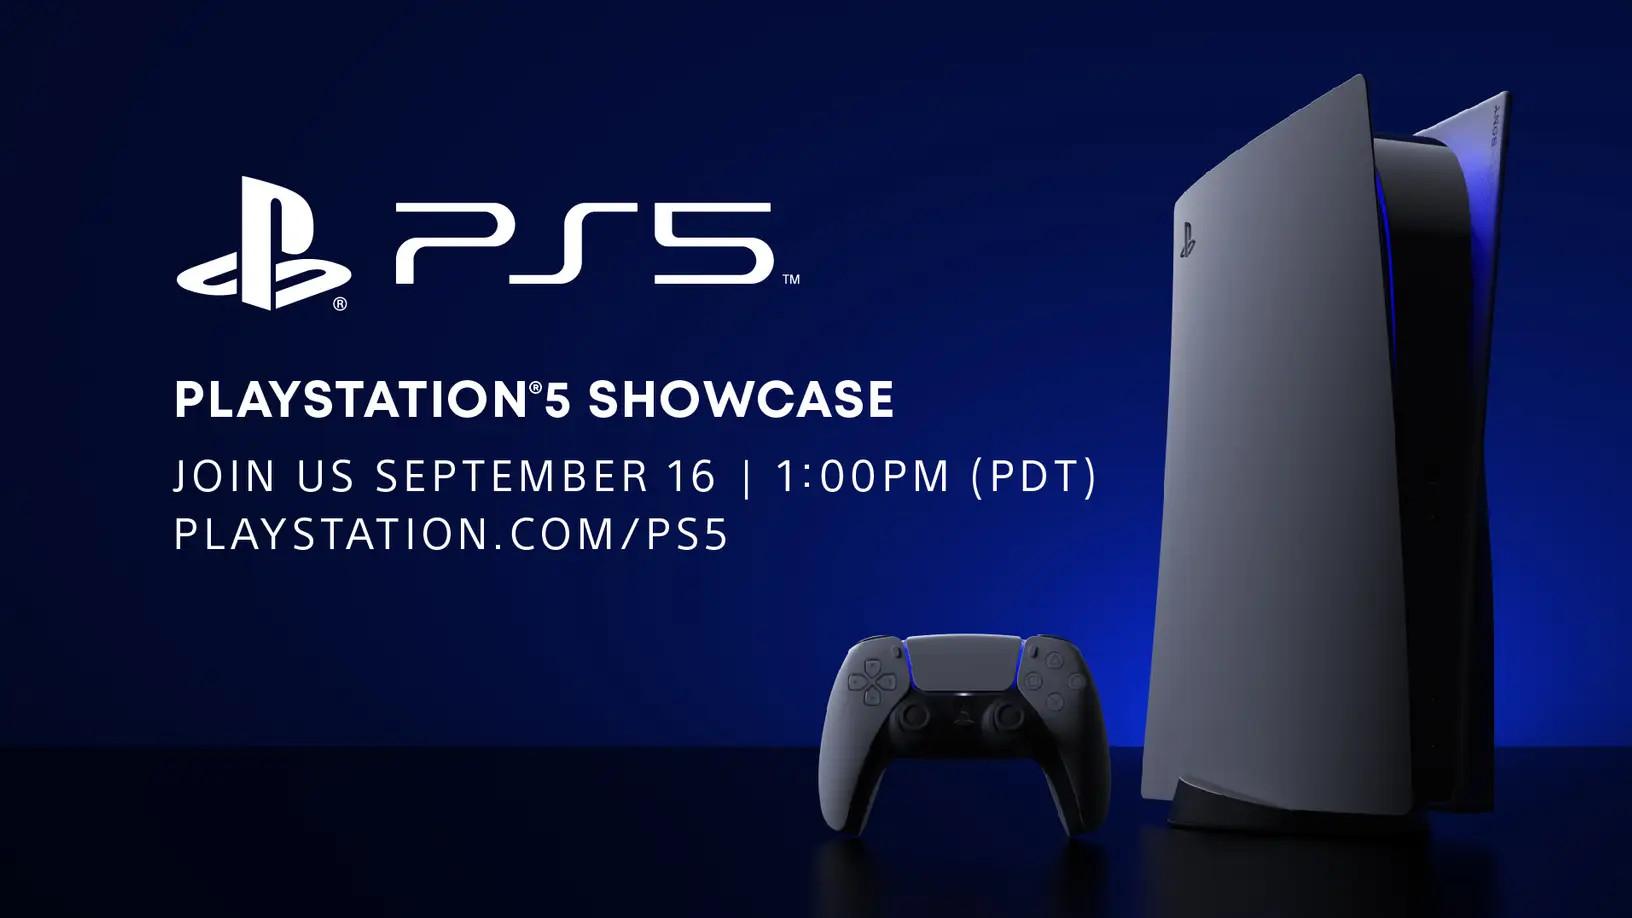 PS5 : Un événement